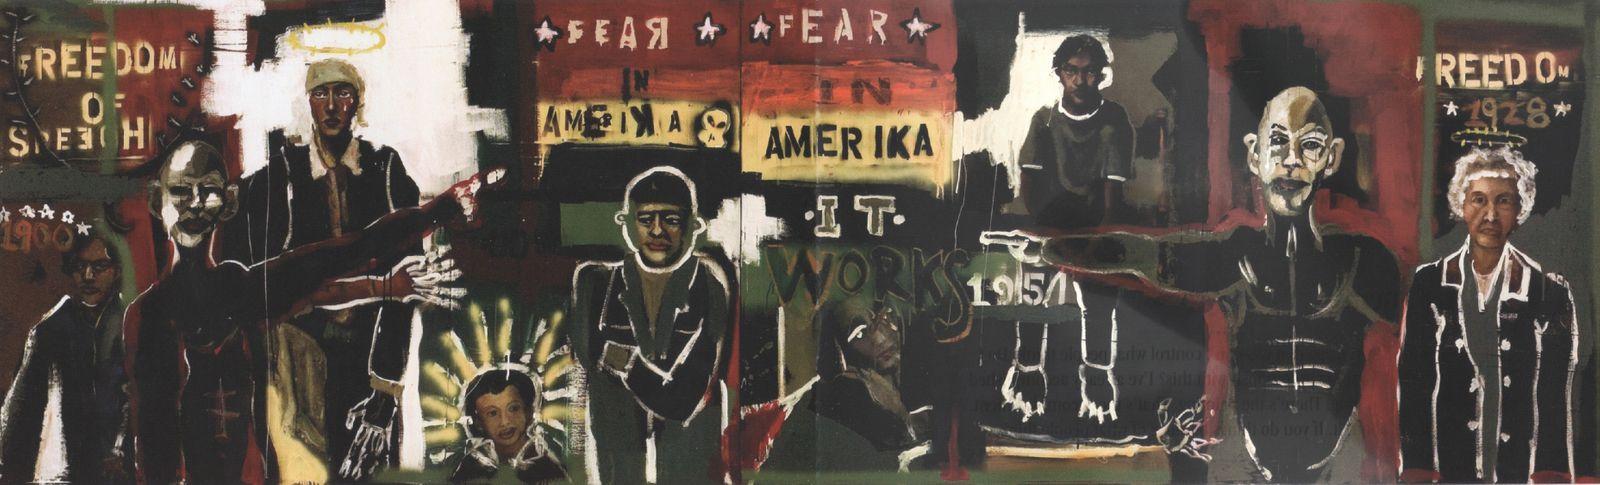 Fear in America